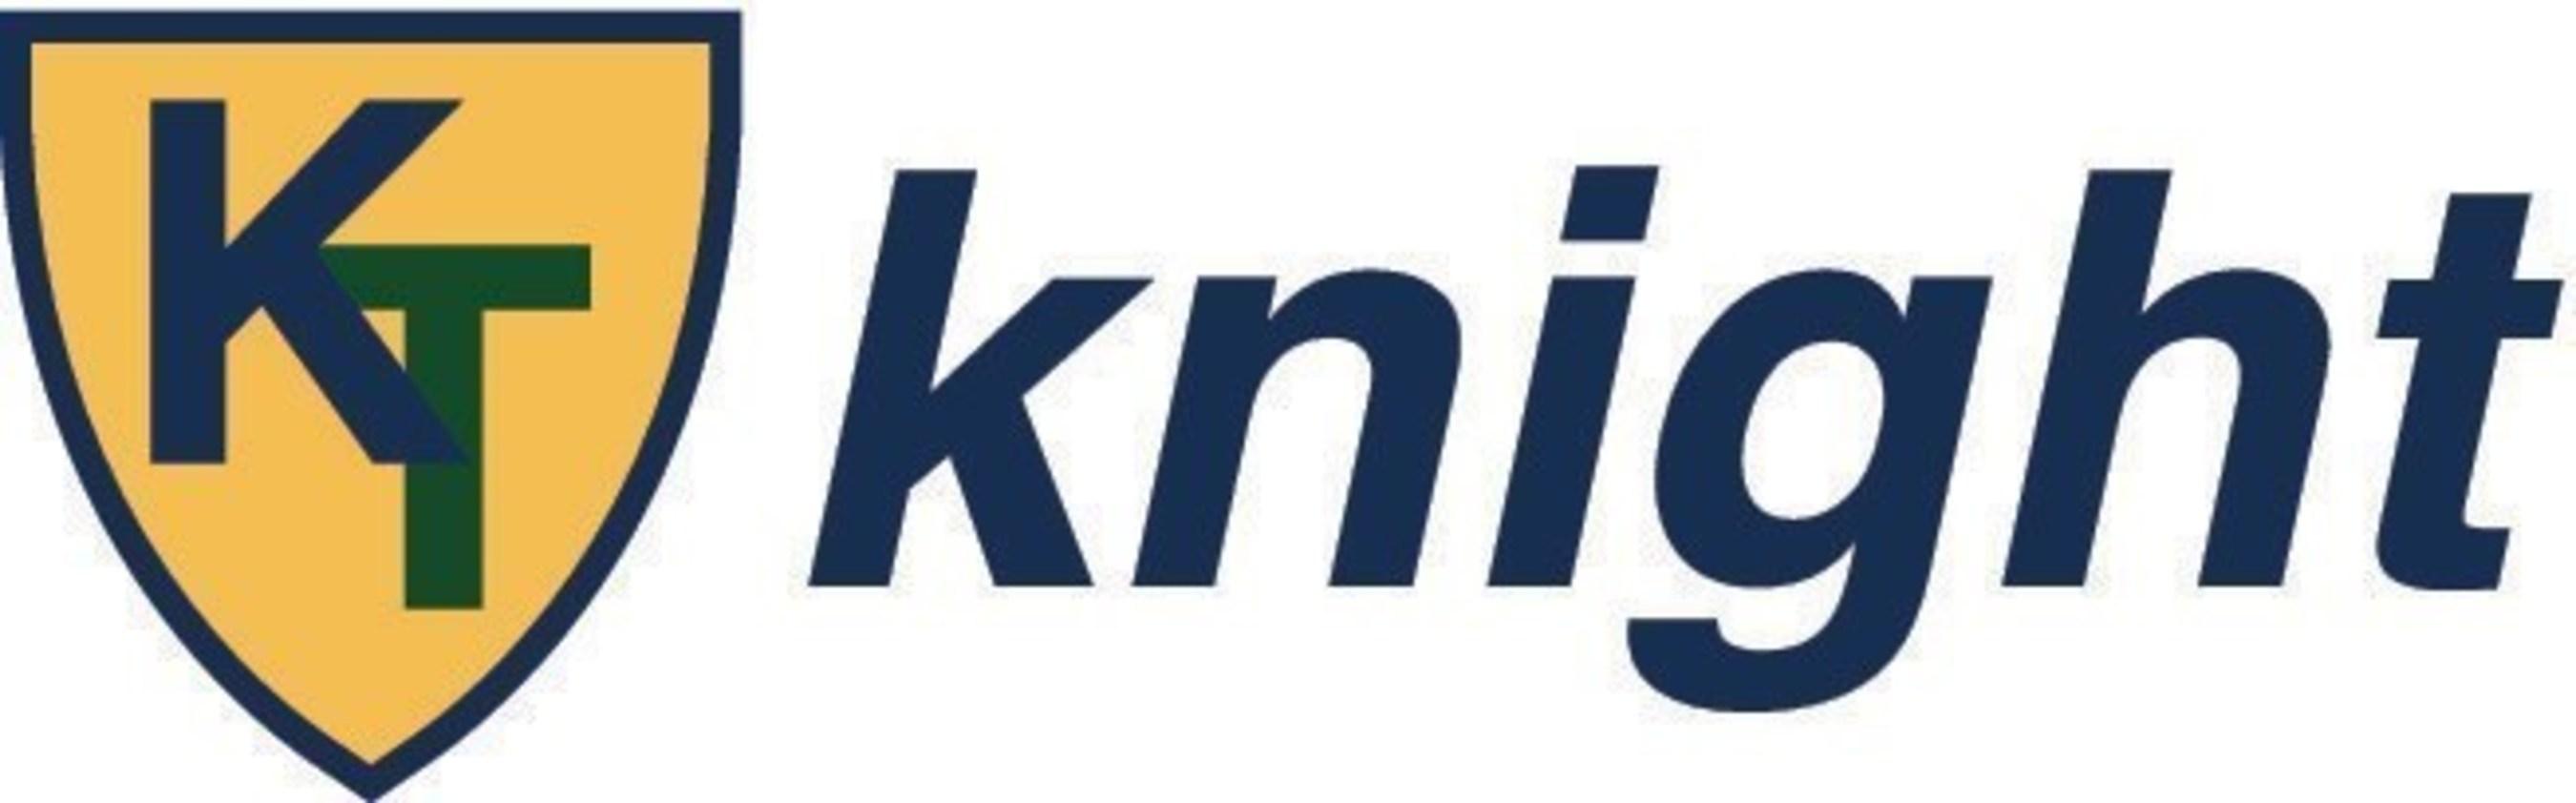 braeburn pharmaceuticals stock Braeburn Pharmaceuticals and Knight Therapeutics Announce Canadian ...